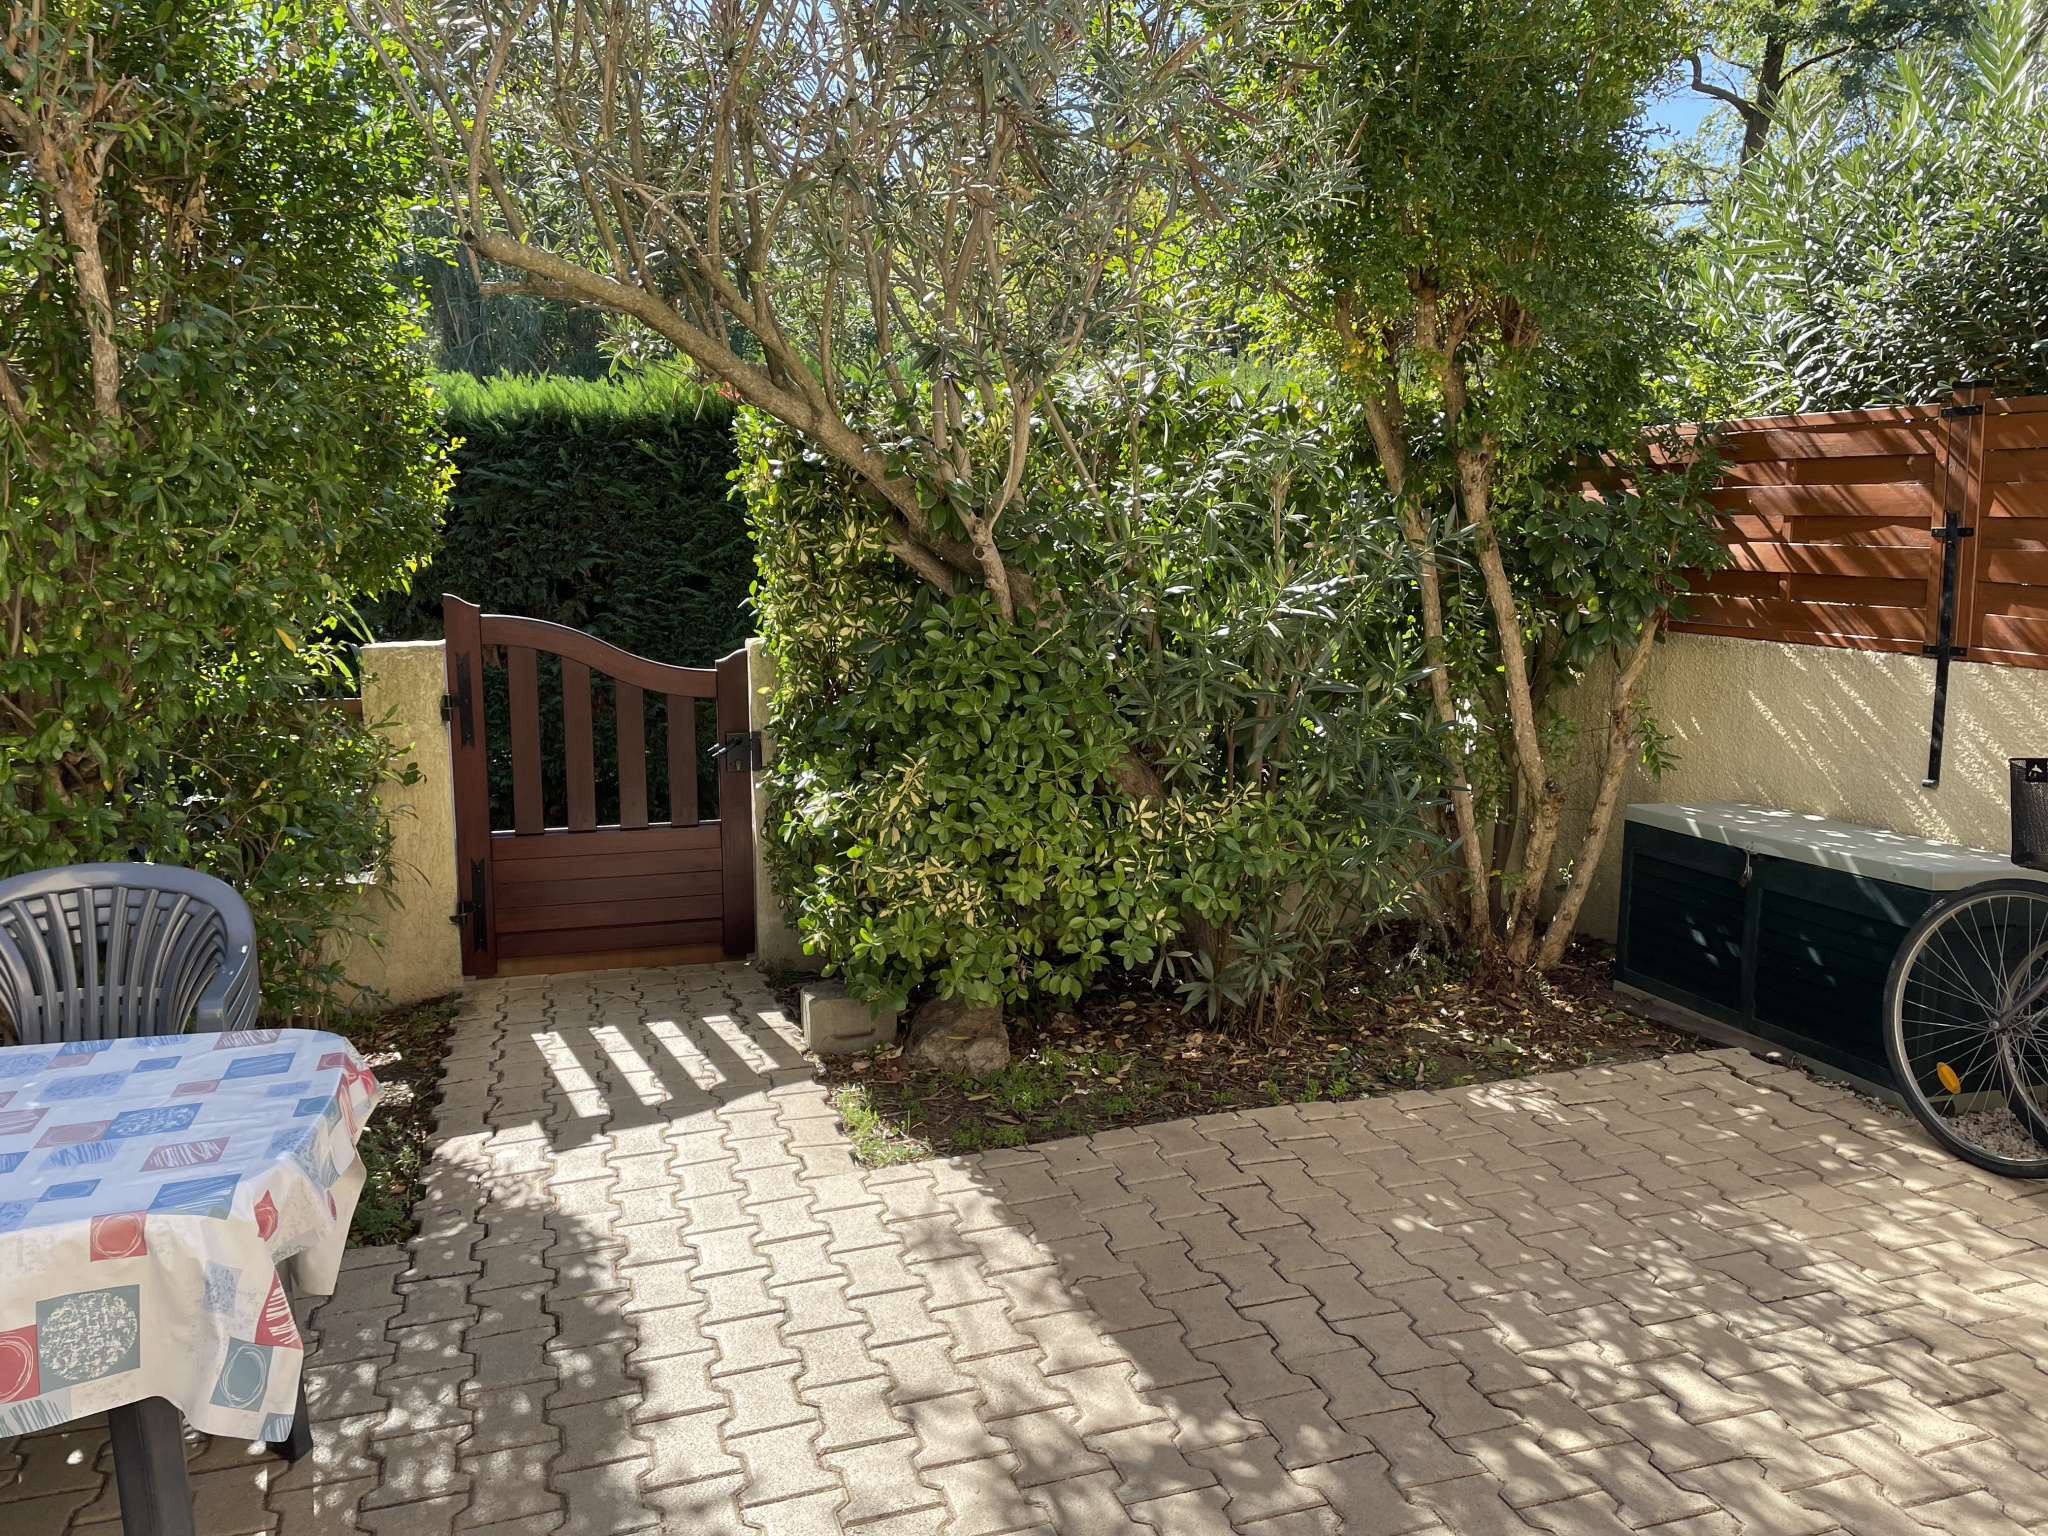 À vendre maison/villa de 44m2 à argeles plage (66700) - Photo 1'